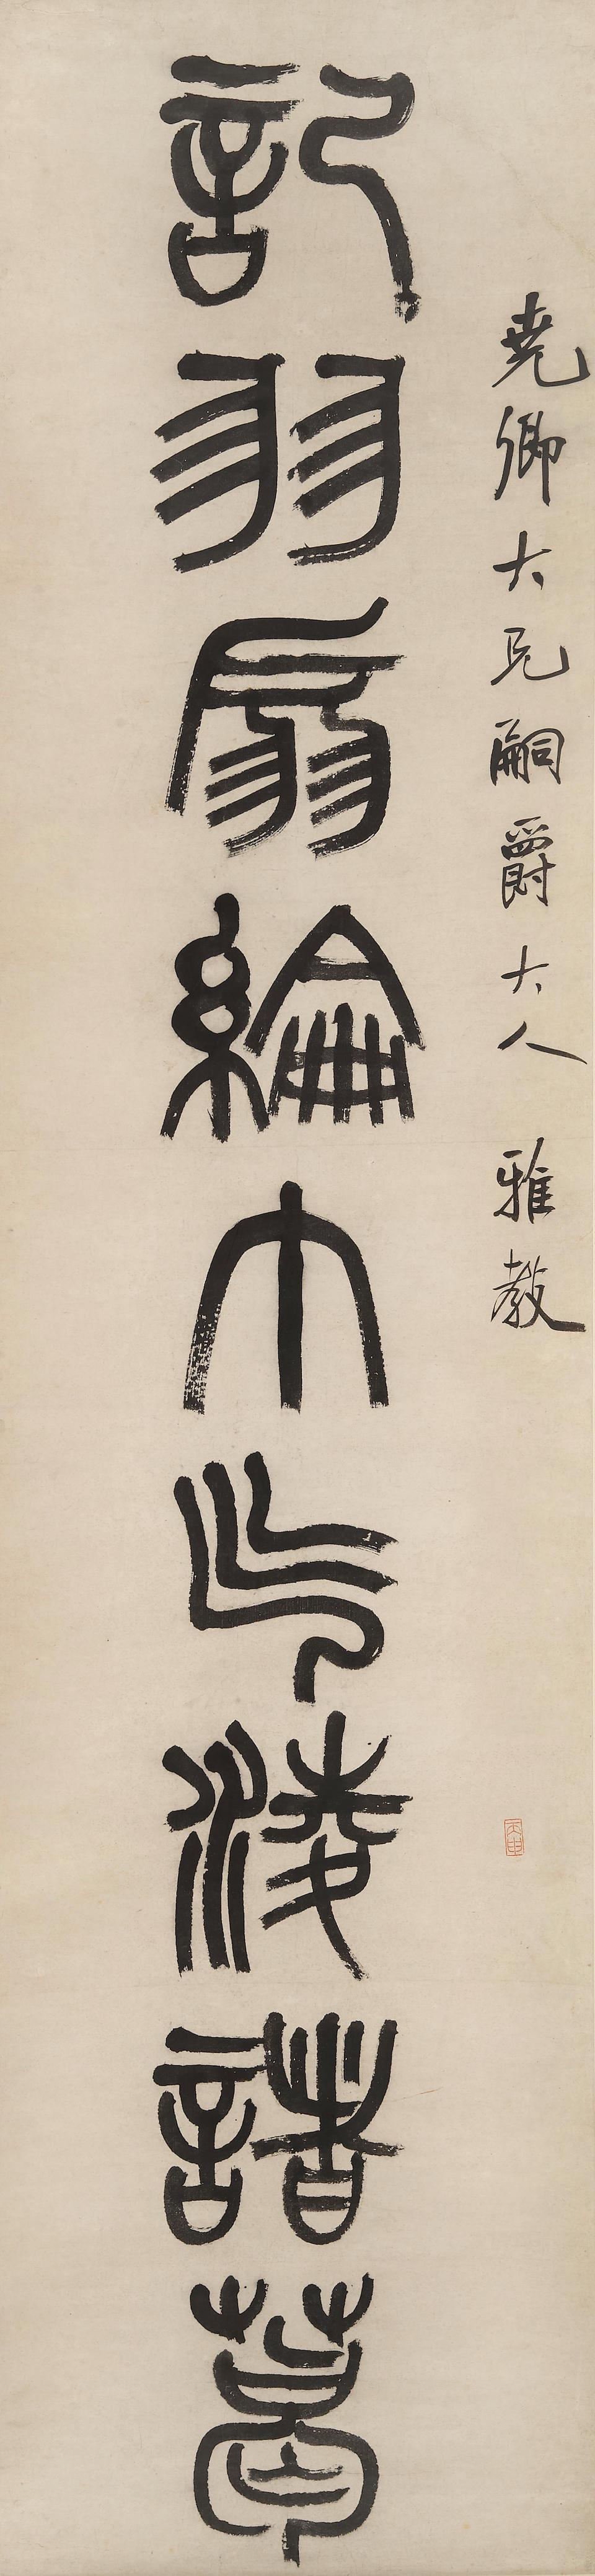 Zhang Zuyi (1849-1917)  Couplet in Seal script